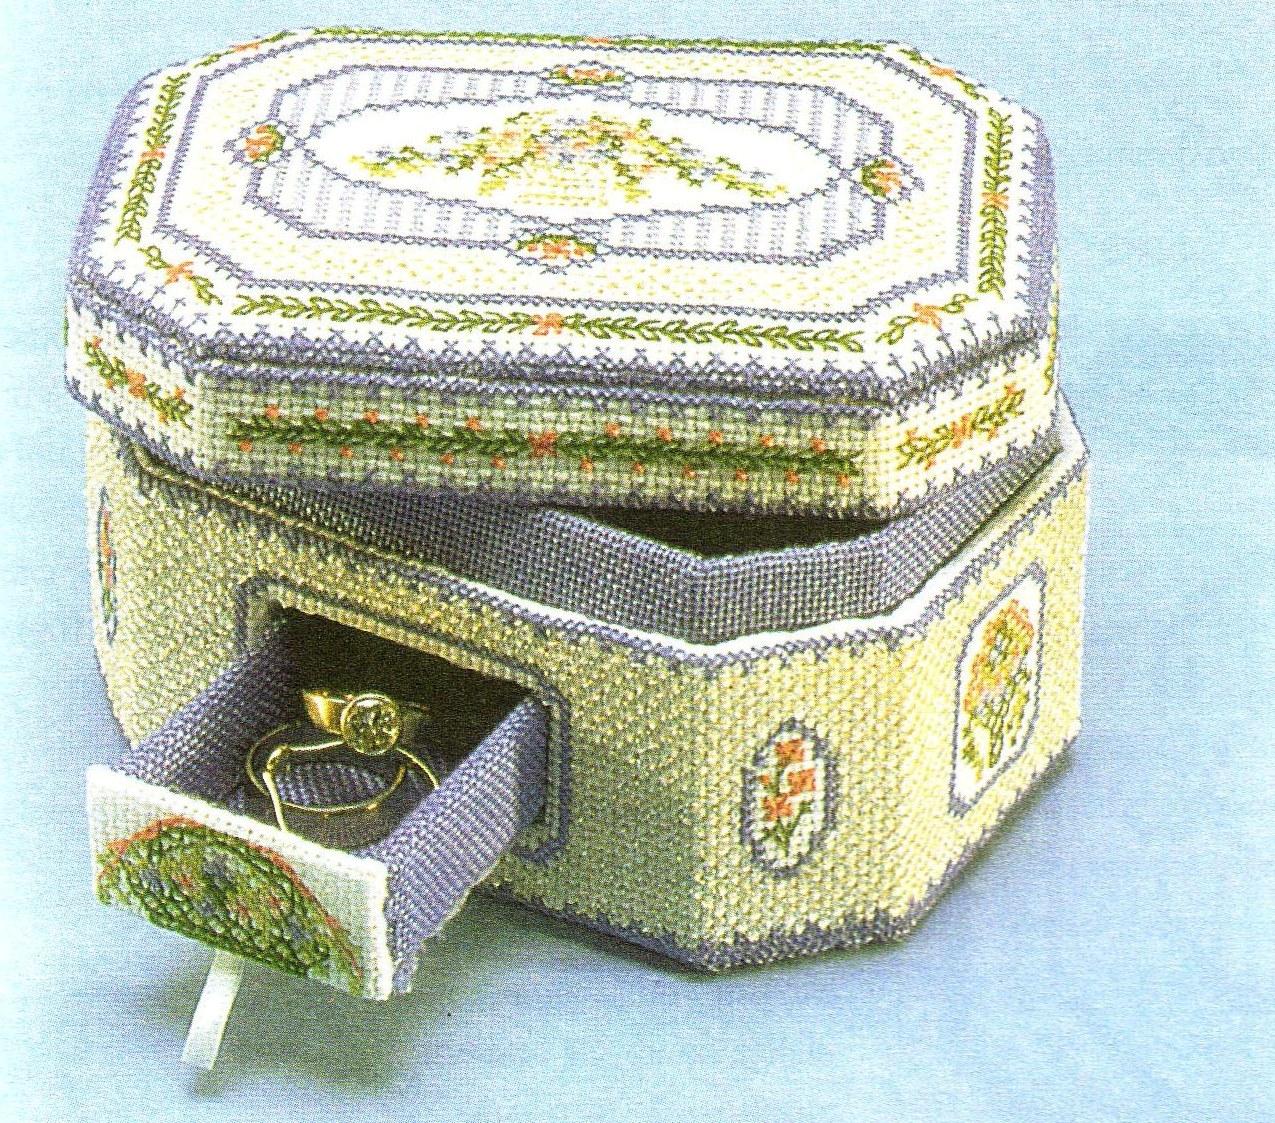 Схемы для вышивки крестом великолепной шкатулки